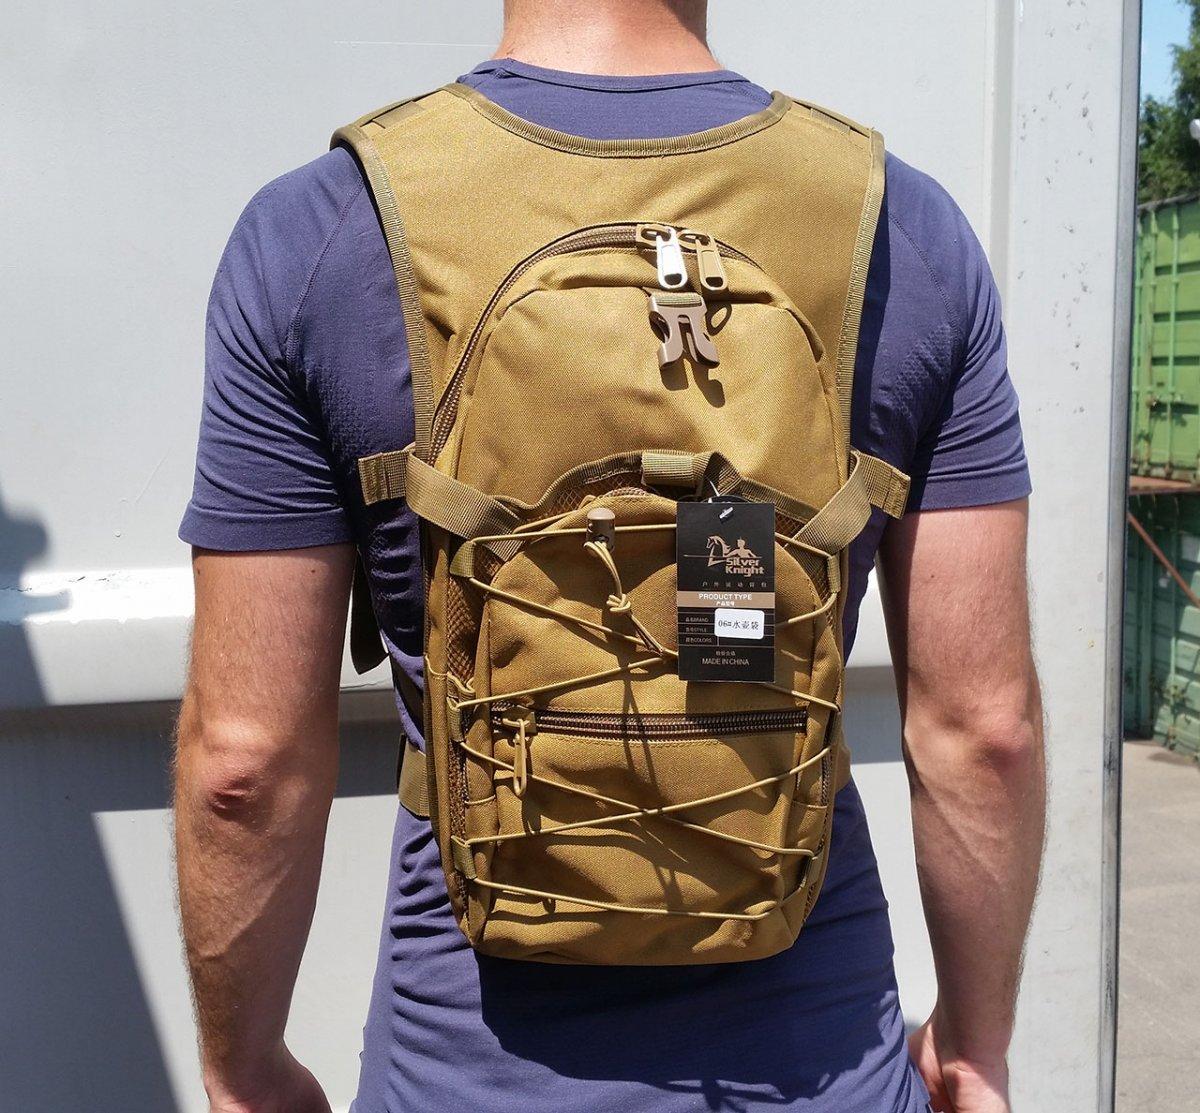 Рюкзак тактический с отделением под питьевую систему